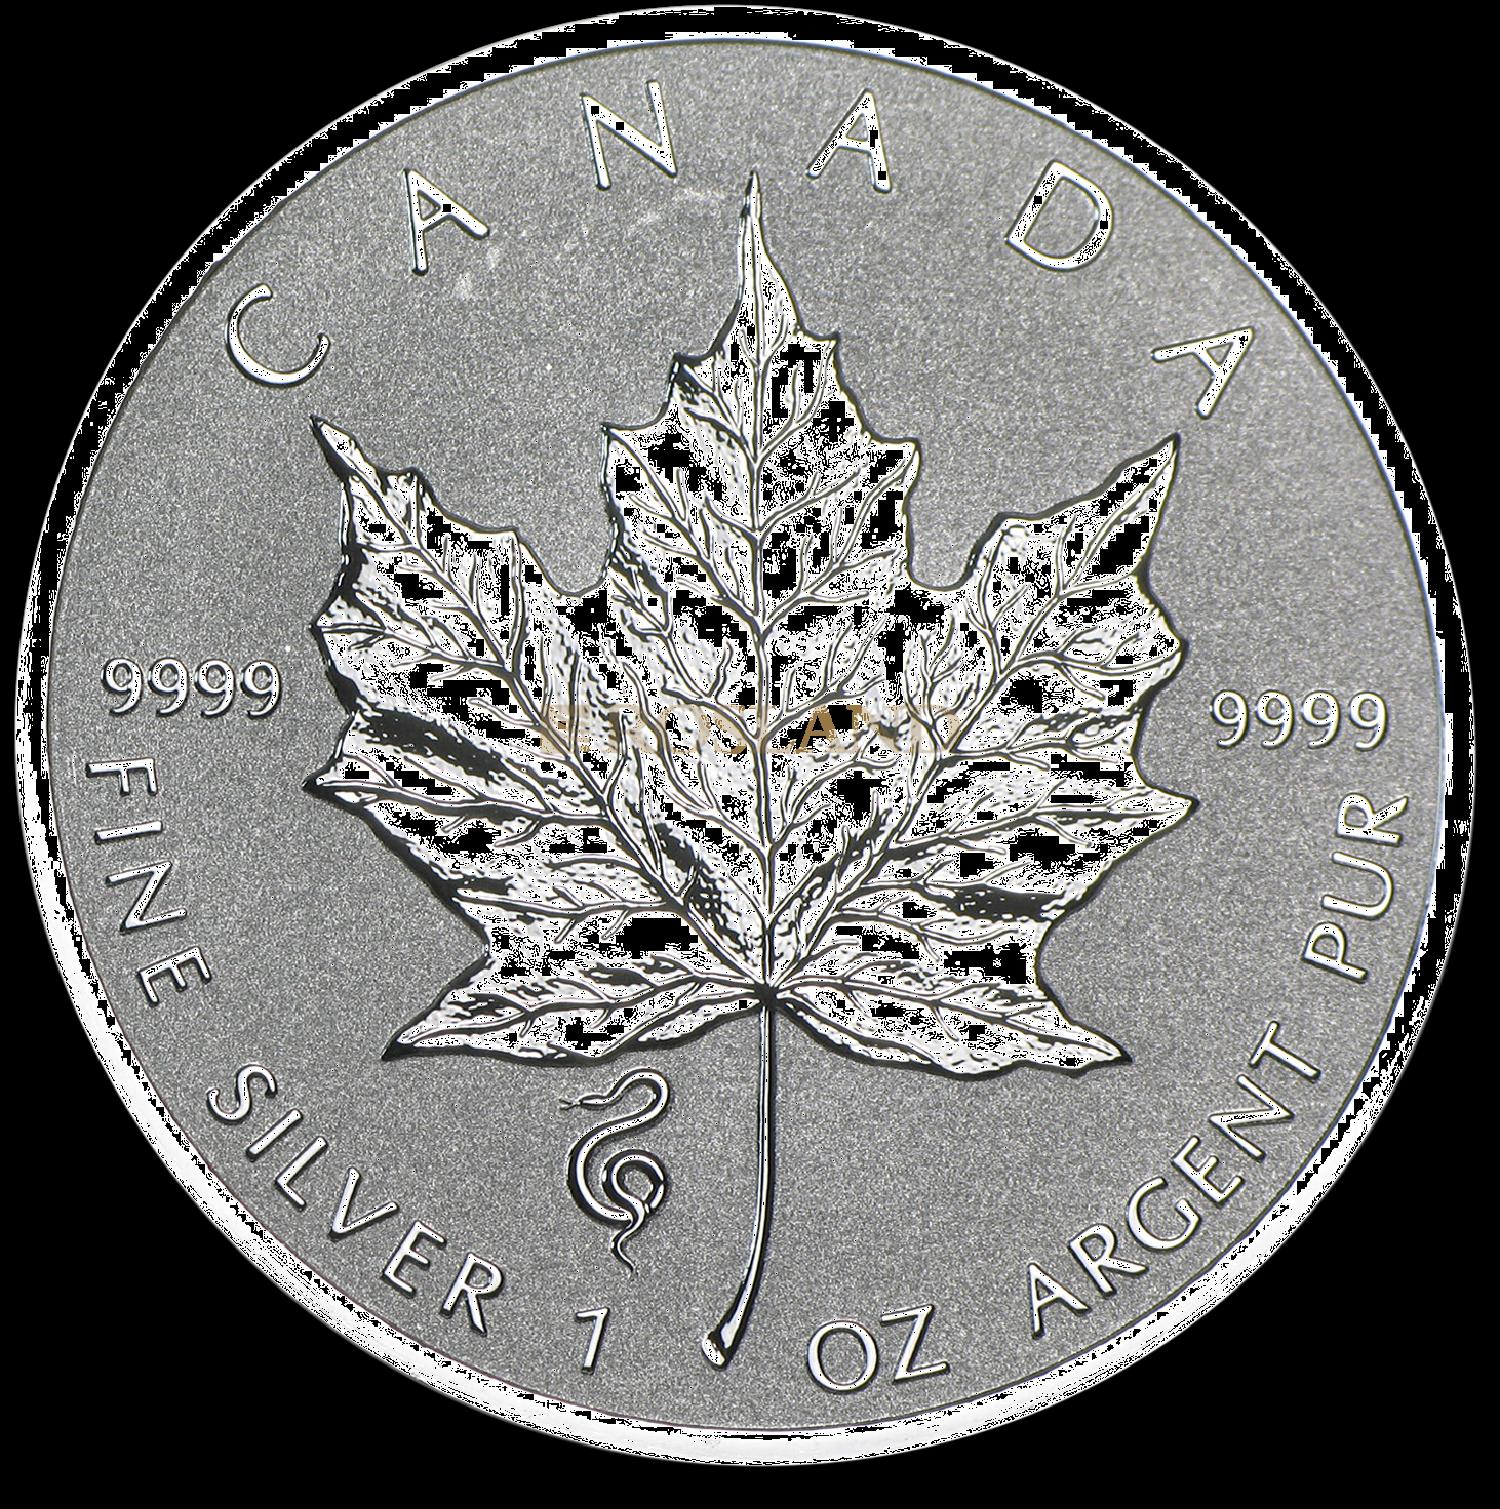 1 Unze Silbermünze Kanada Maple Leaf Lunar Schlange 2013